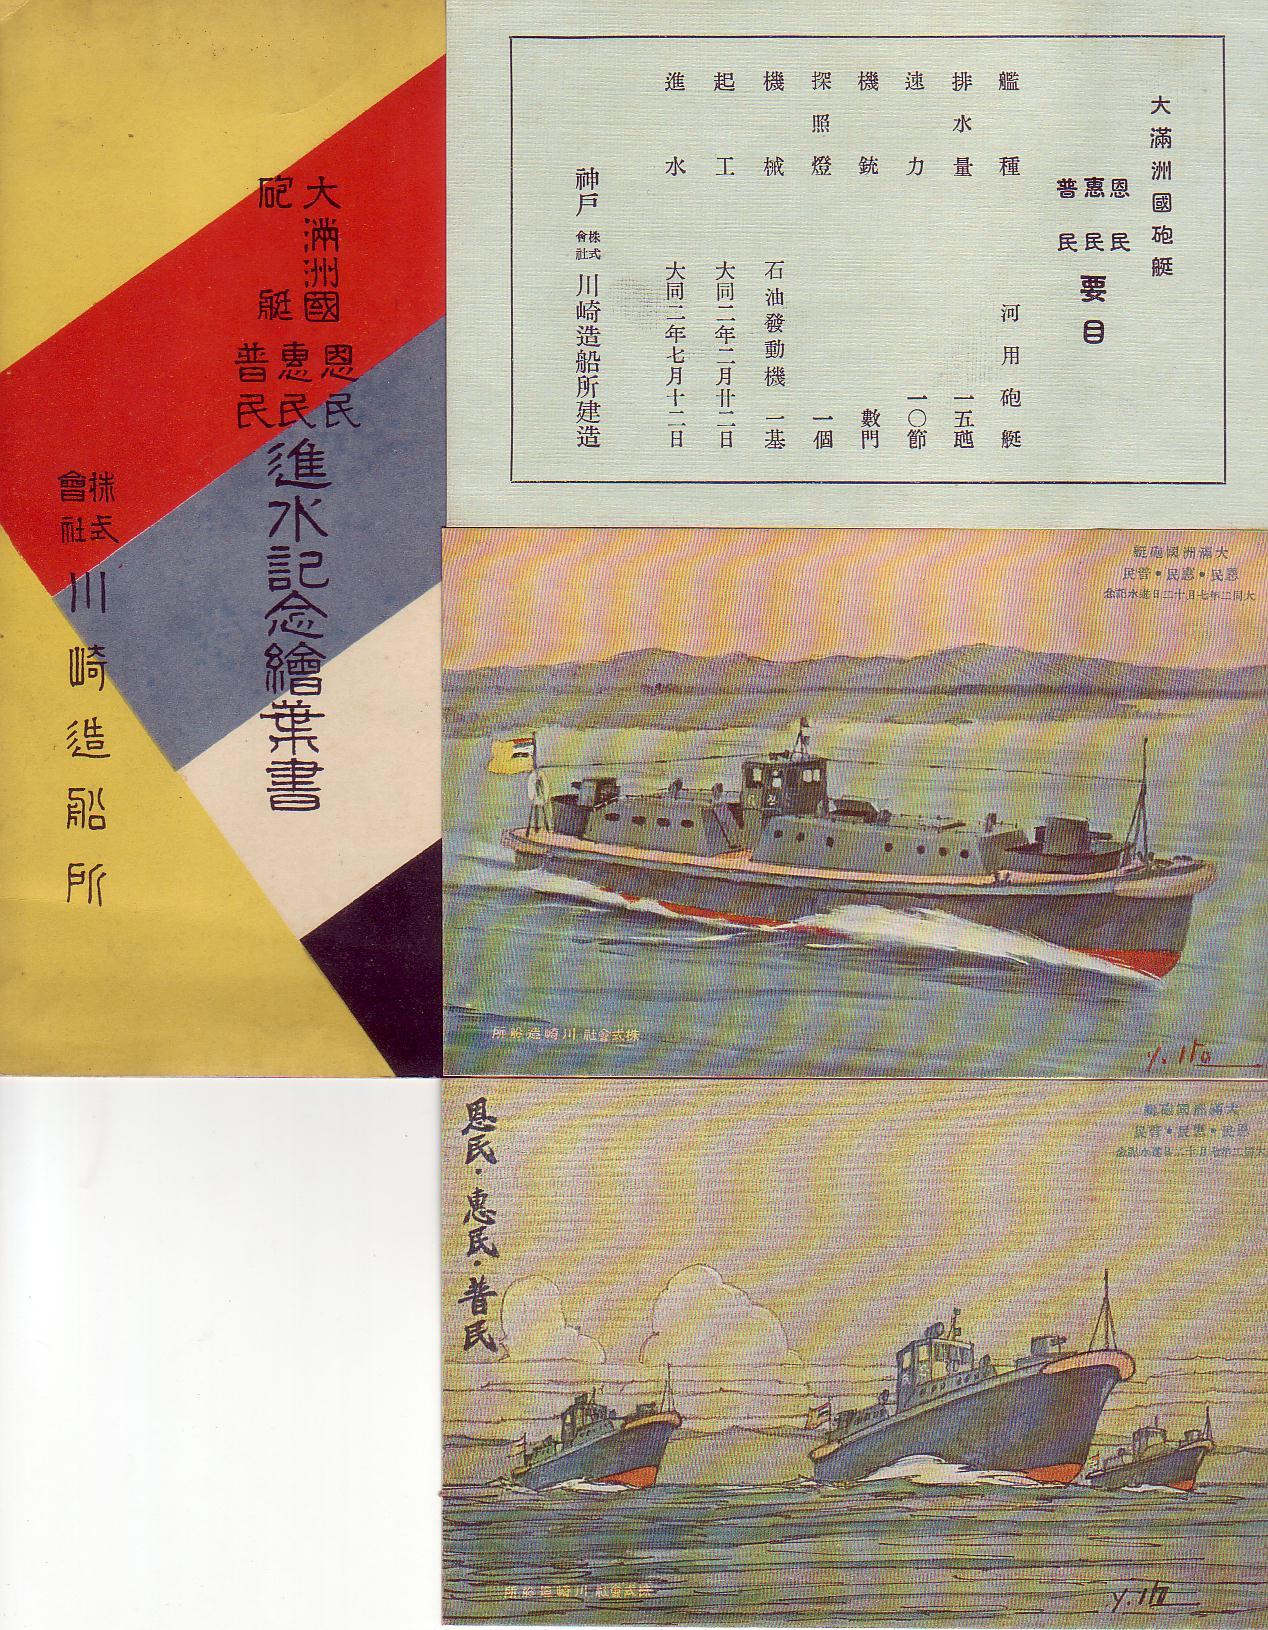 http://blog-imgs-10.fc2.com/i/s/o/isokaze/20070820211009.jpg